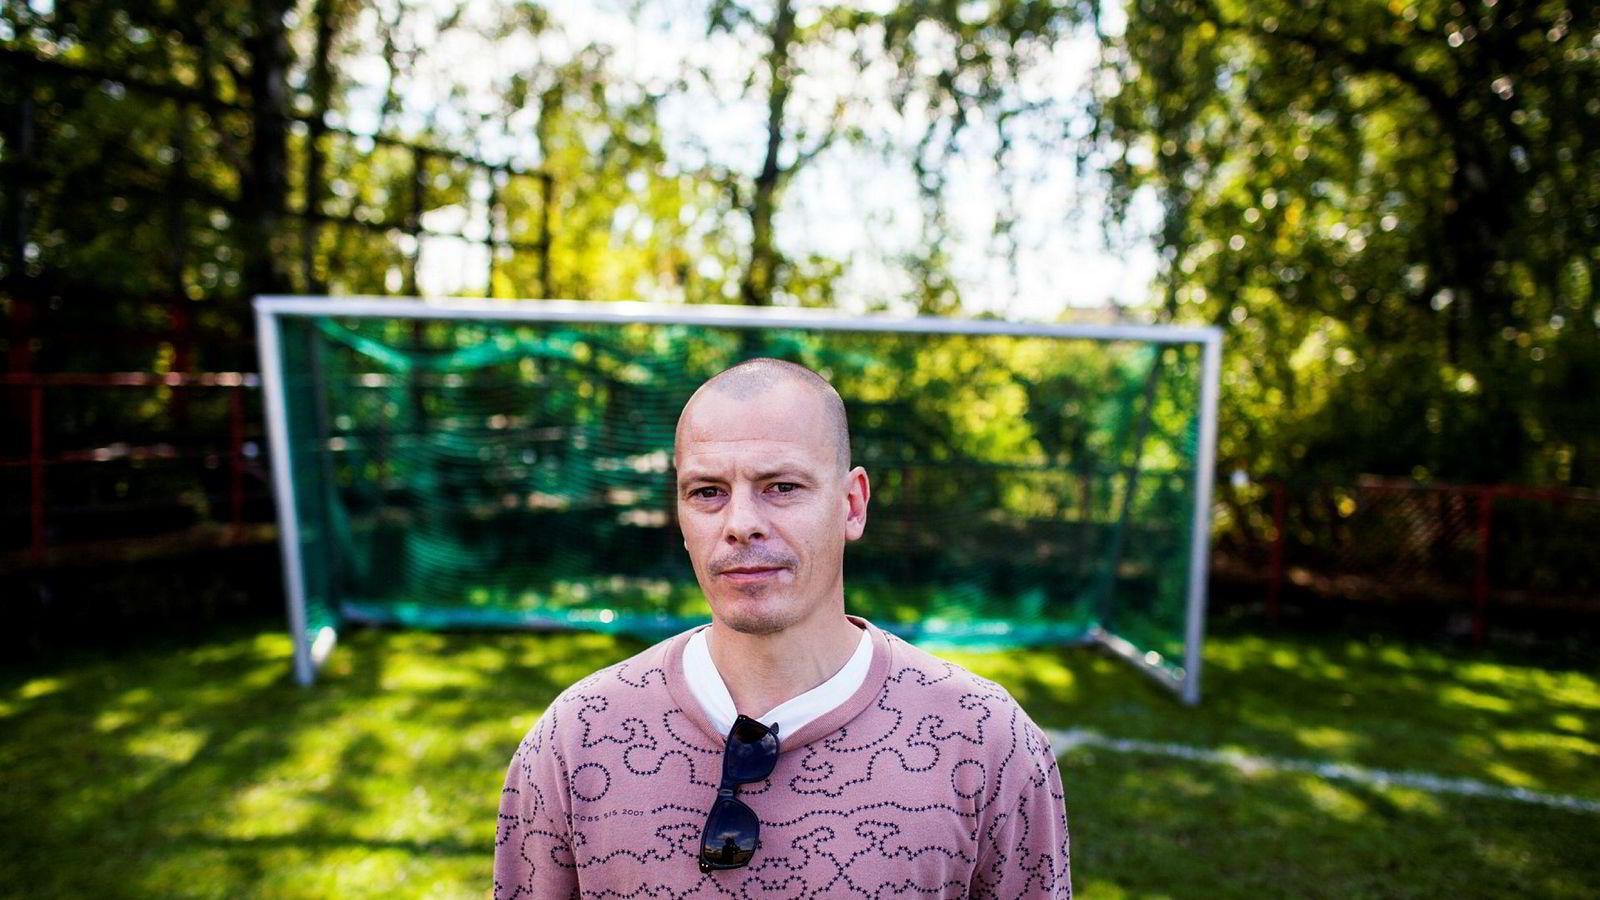 Håvard Melnæs redaktør i fotballmagasinet Josimar. Her fotografert på Voldsløkka fotballbane etter en reklameinnspilling.